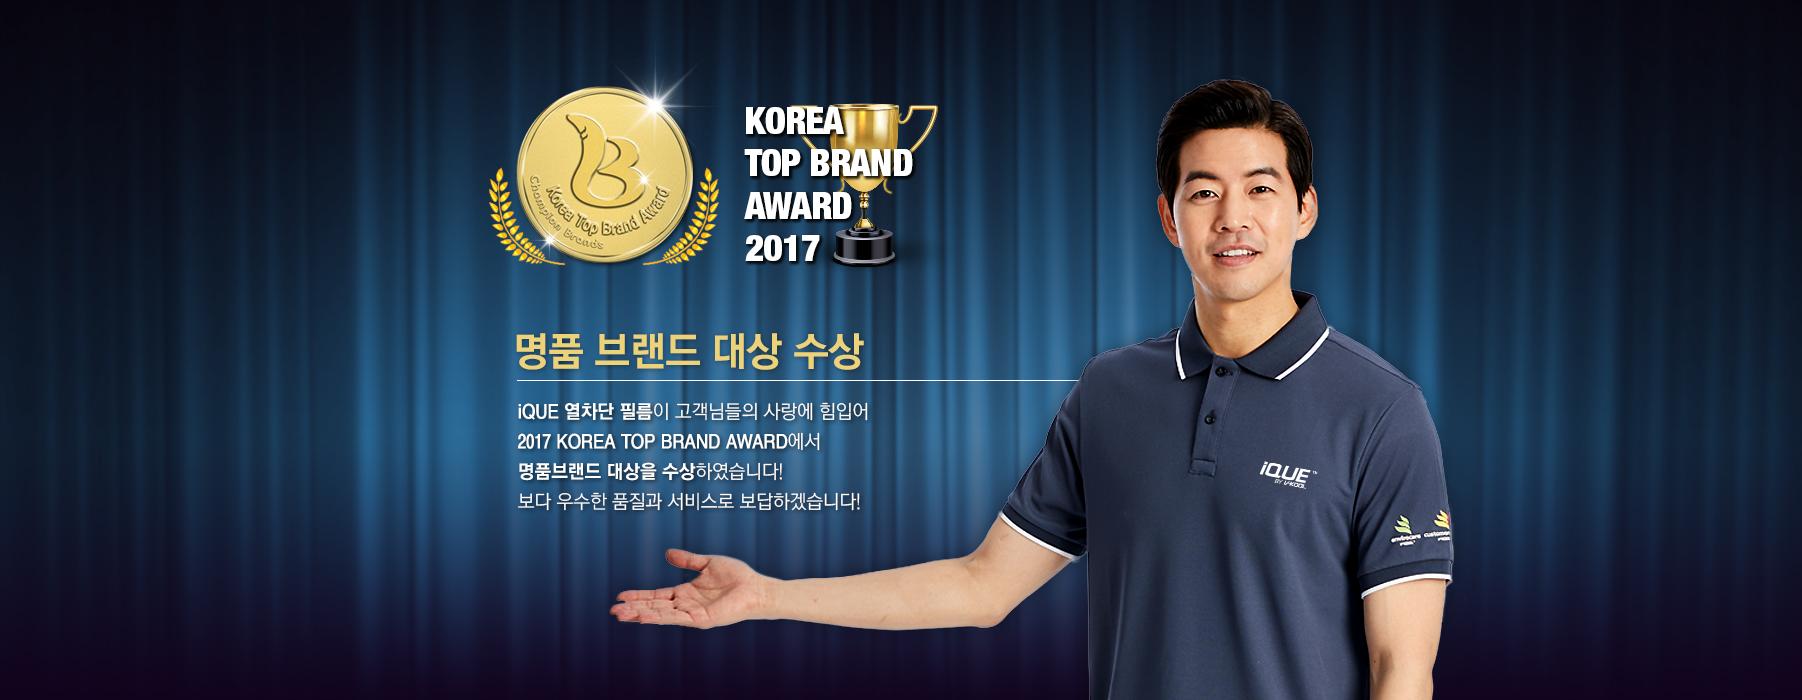 ique_koreatopbrandaward2017_banner-1